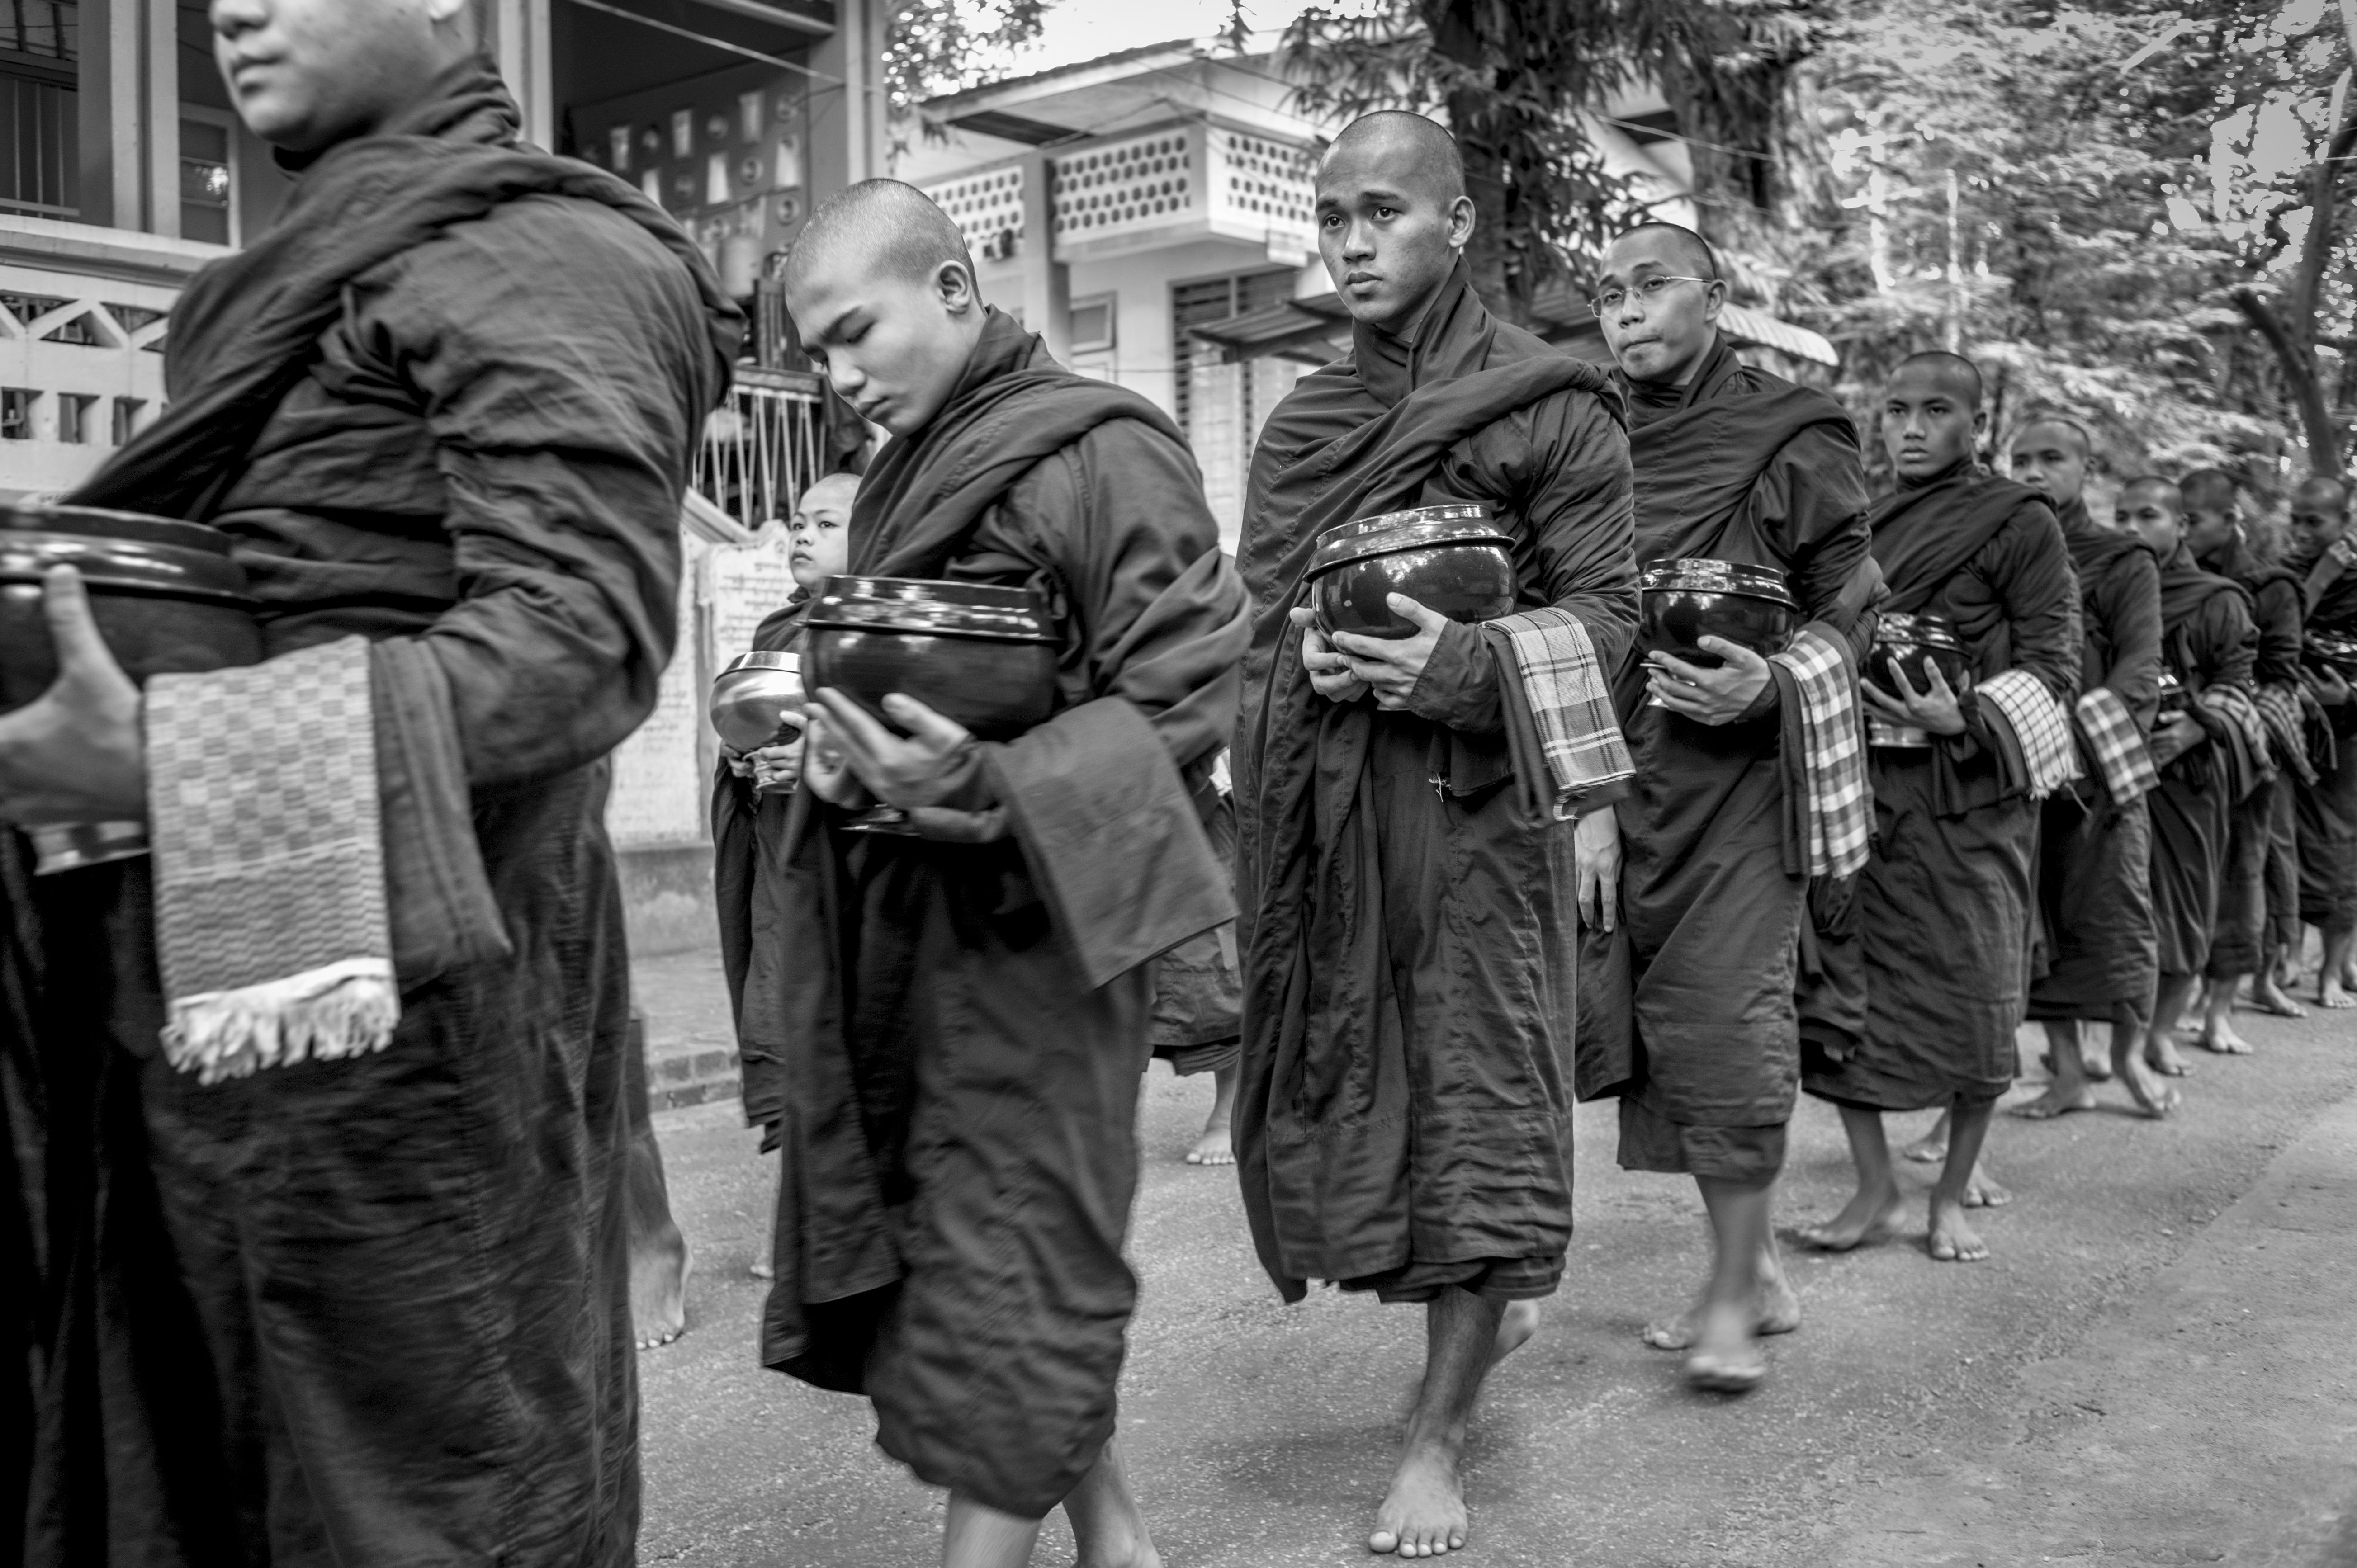 Monk, 2017, Yangon